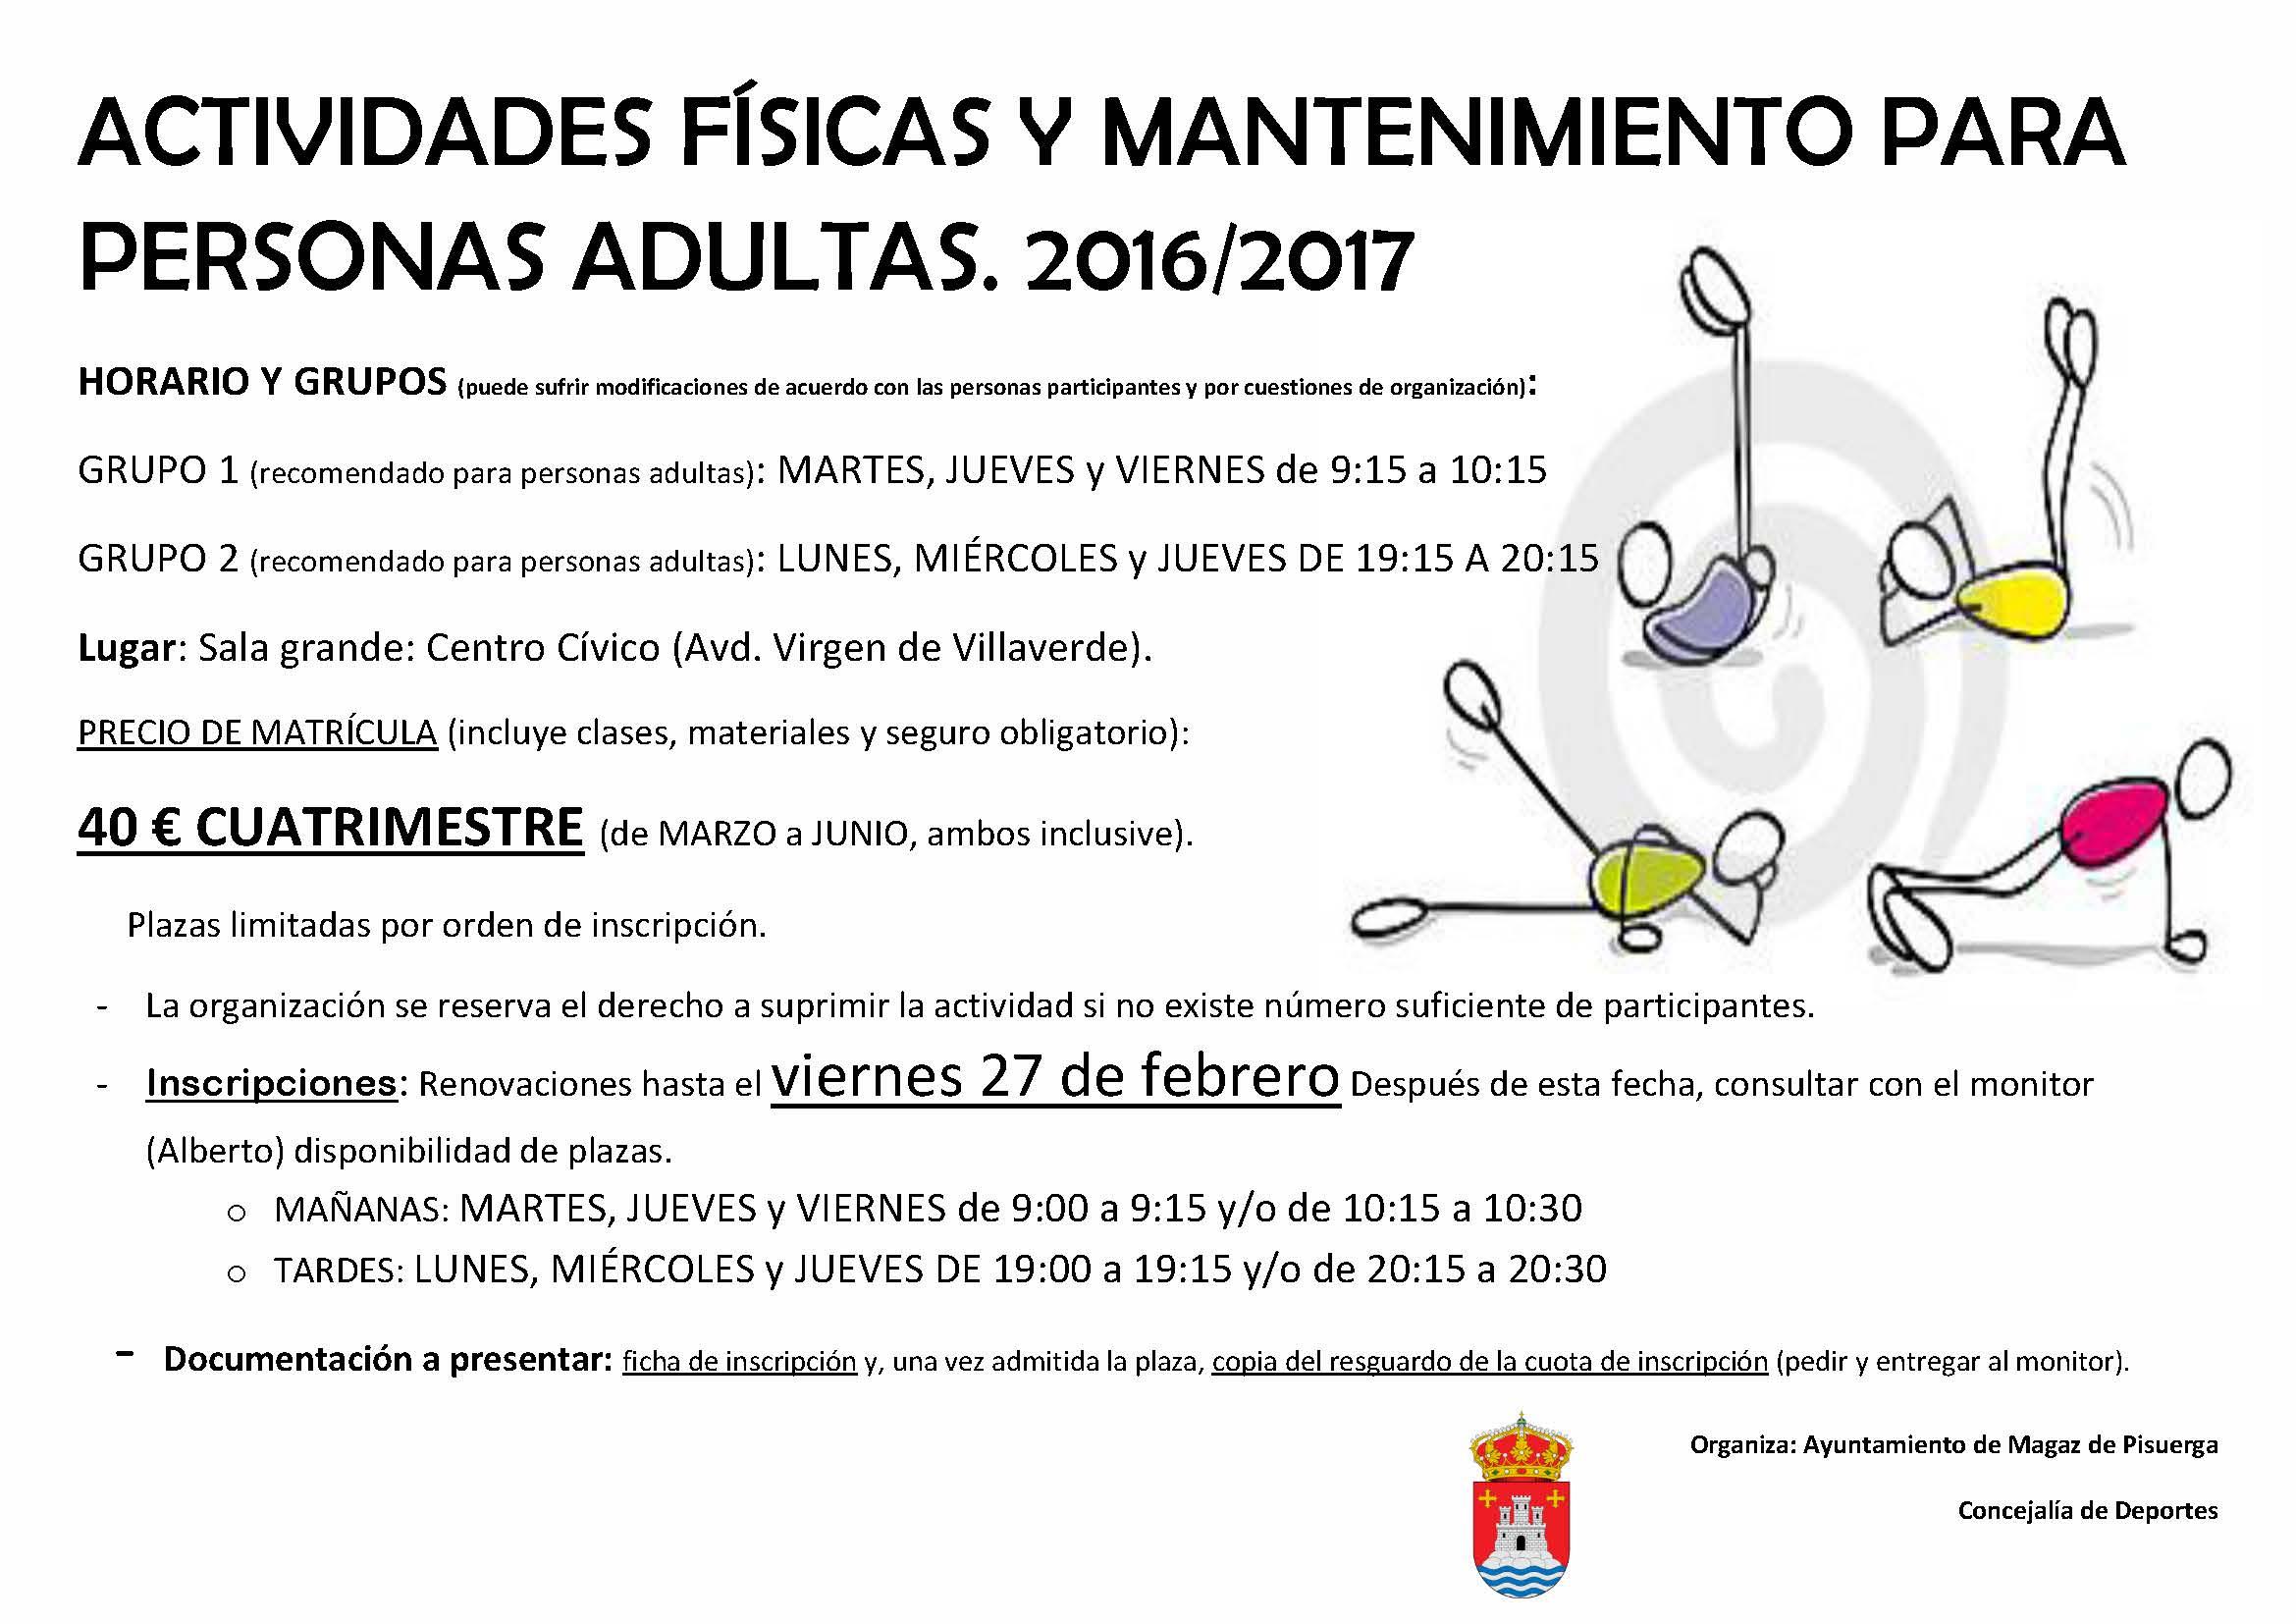 Actividades físicas y mantenimiento para personas adultas 2016/2017